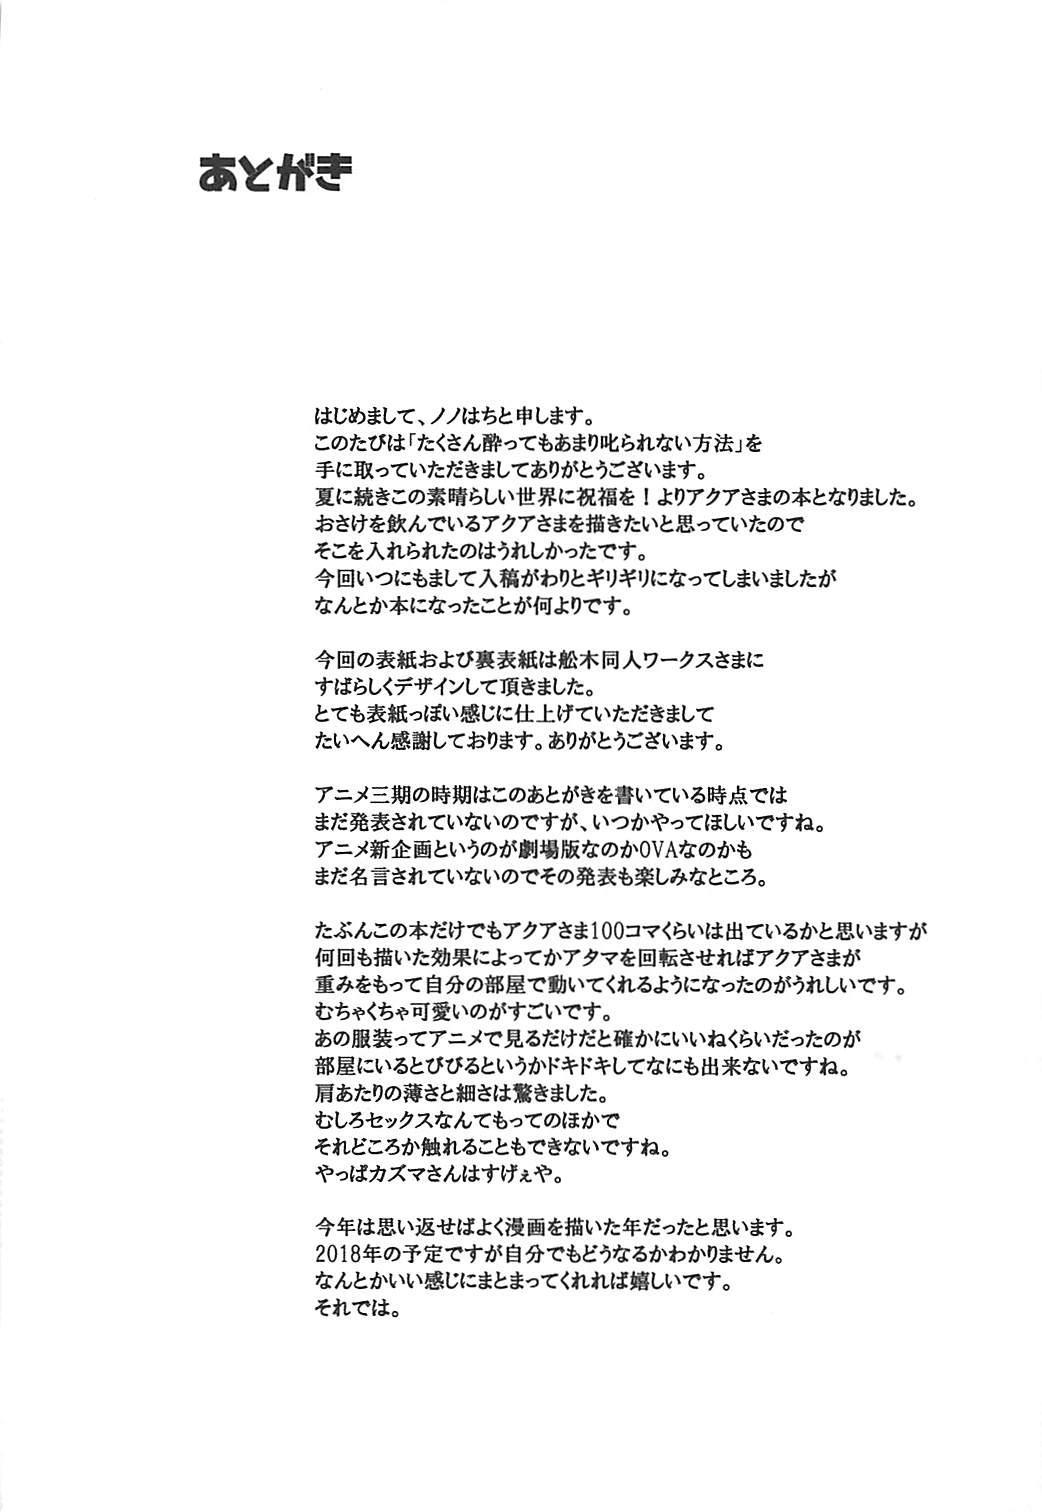 Takusan Yottemo Amari Shikararenai Houhou 30